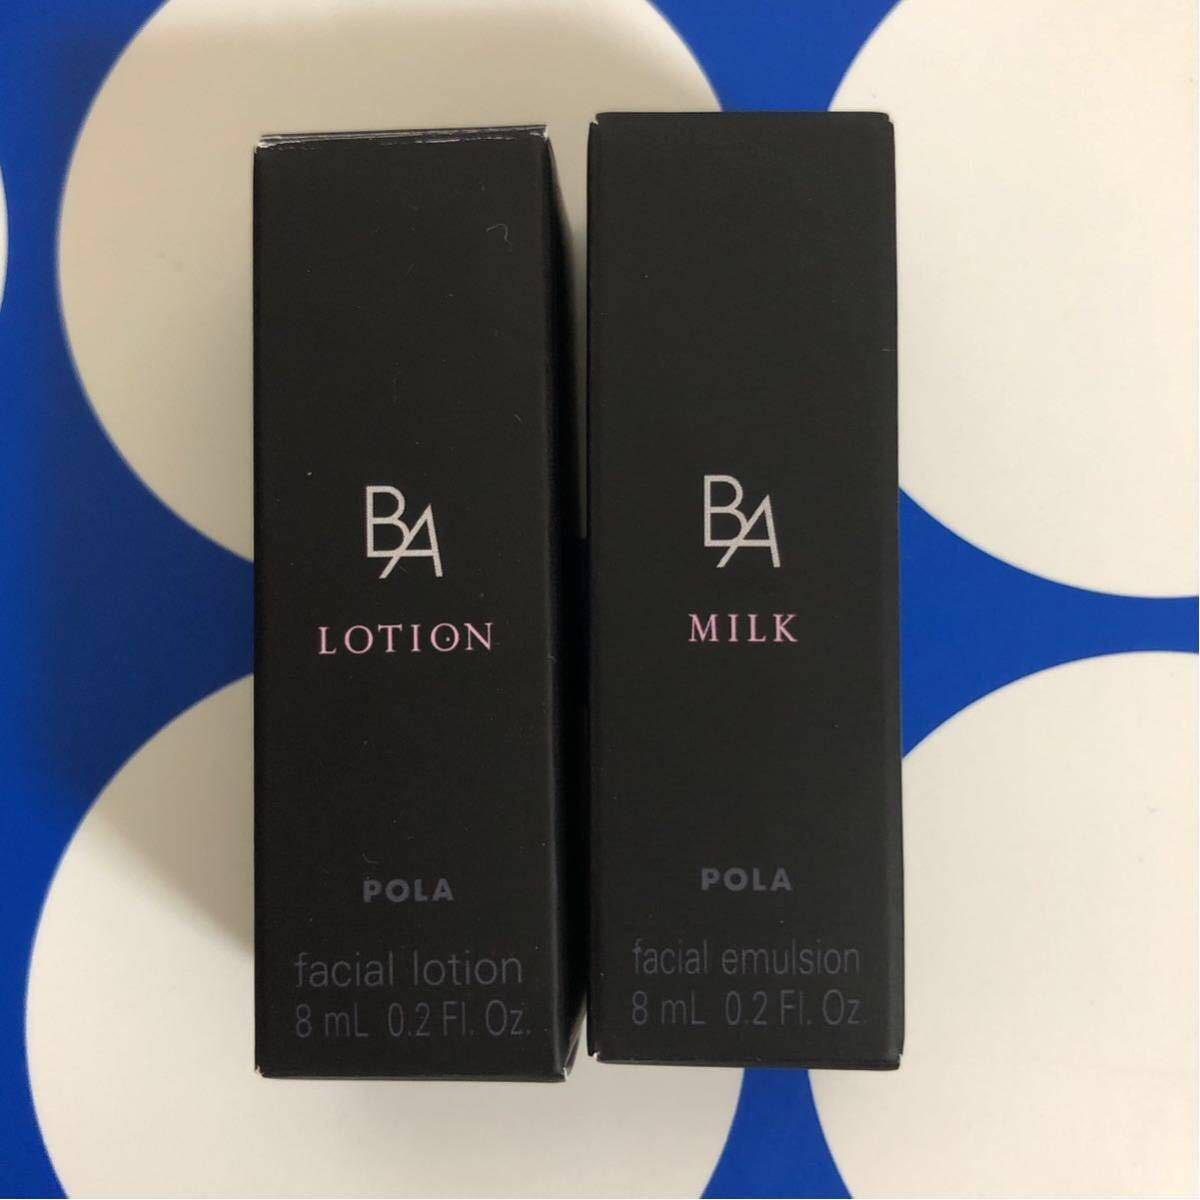 ポーラ BAローション10箱& BAミルク10箱_画像2